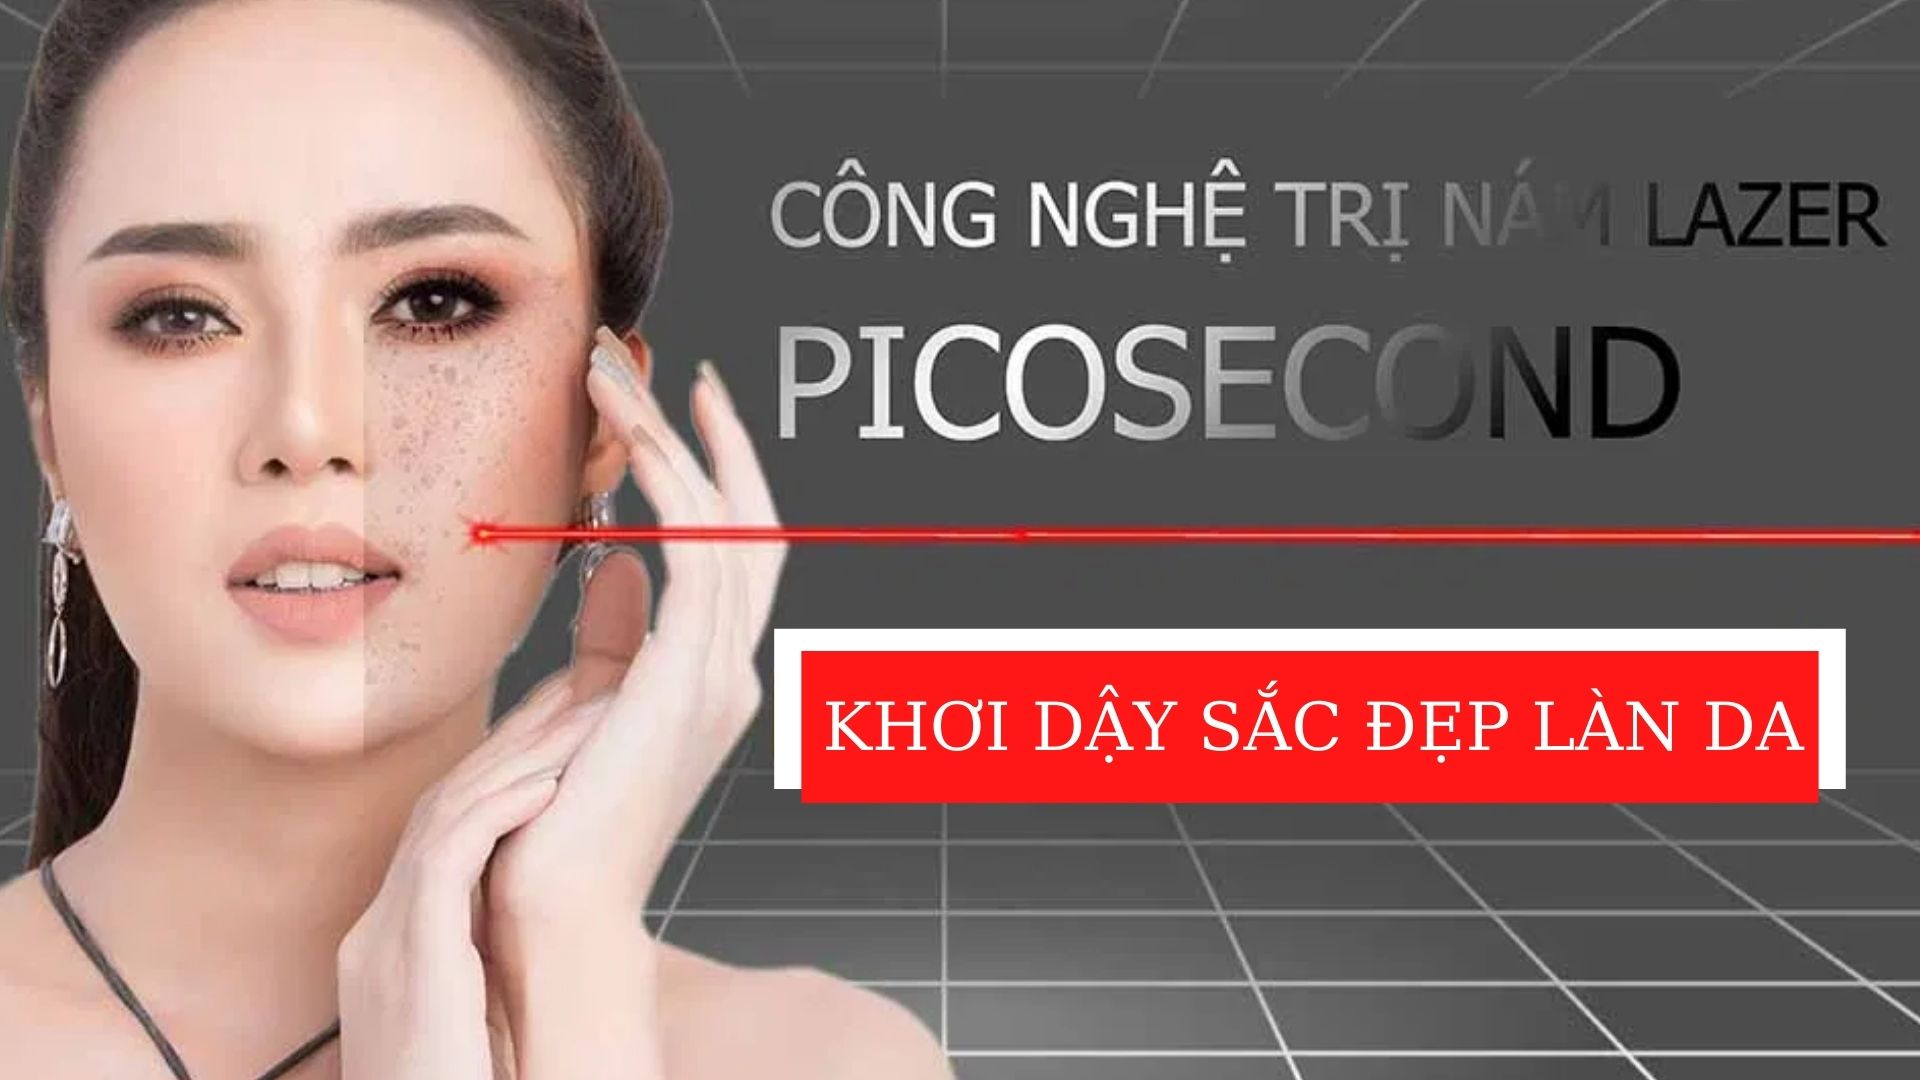 Liệu trình trị nám của công nghệ Picosecond như thế nào